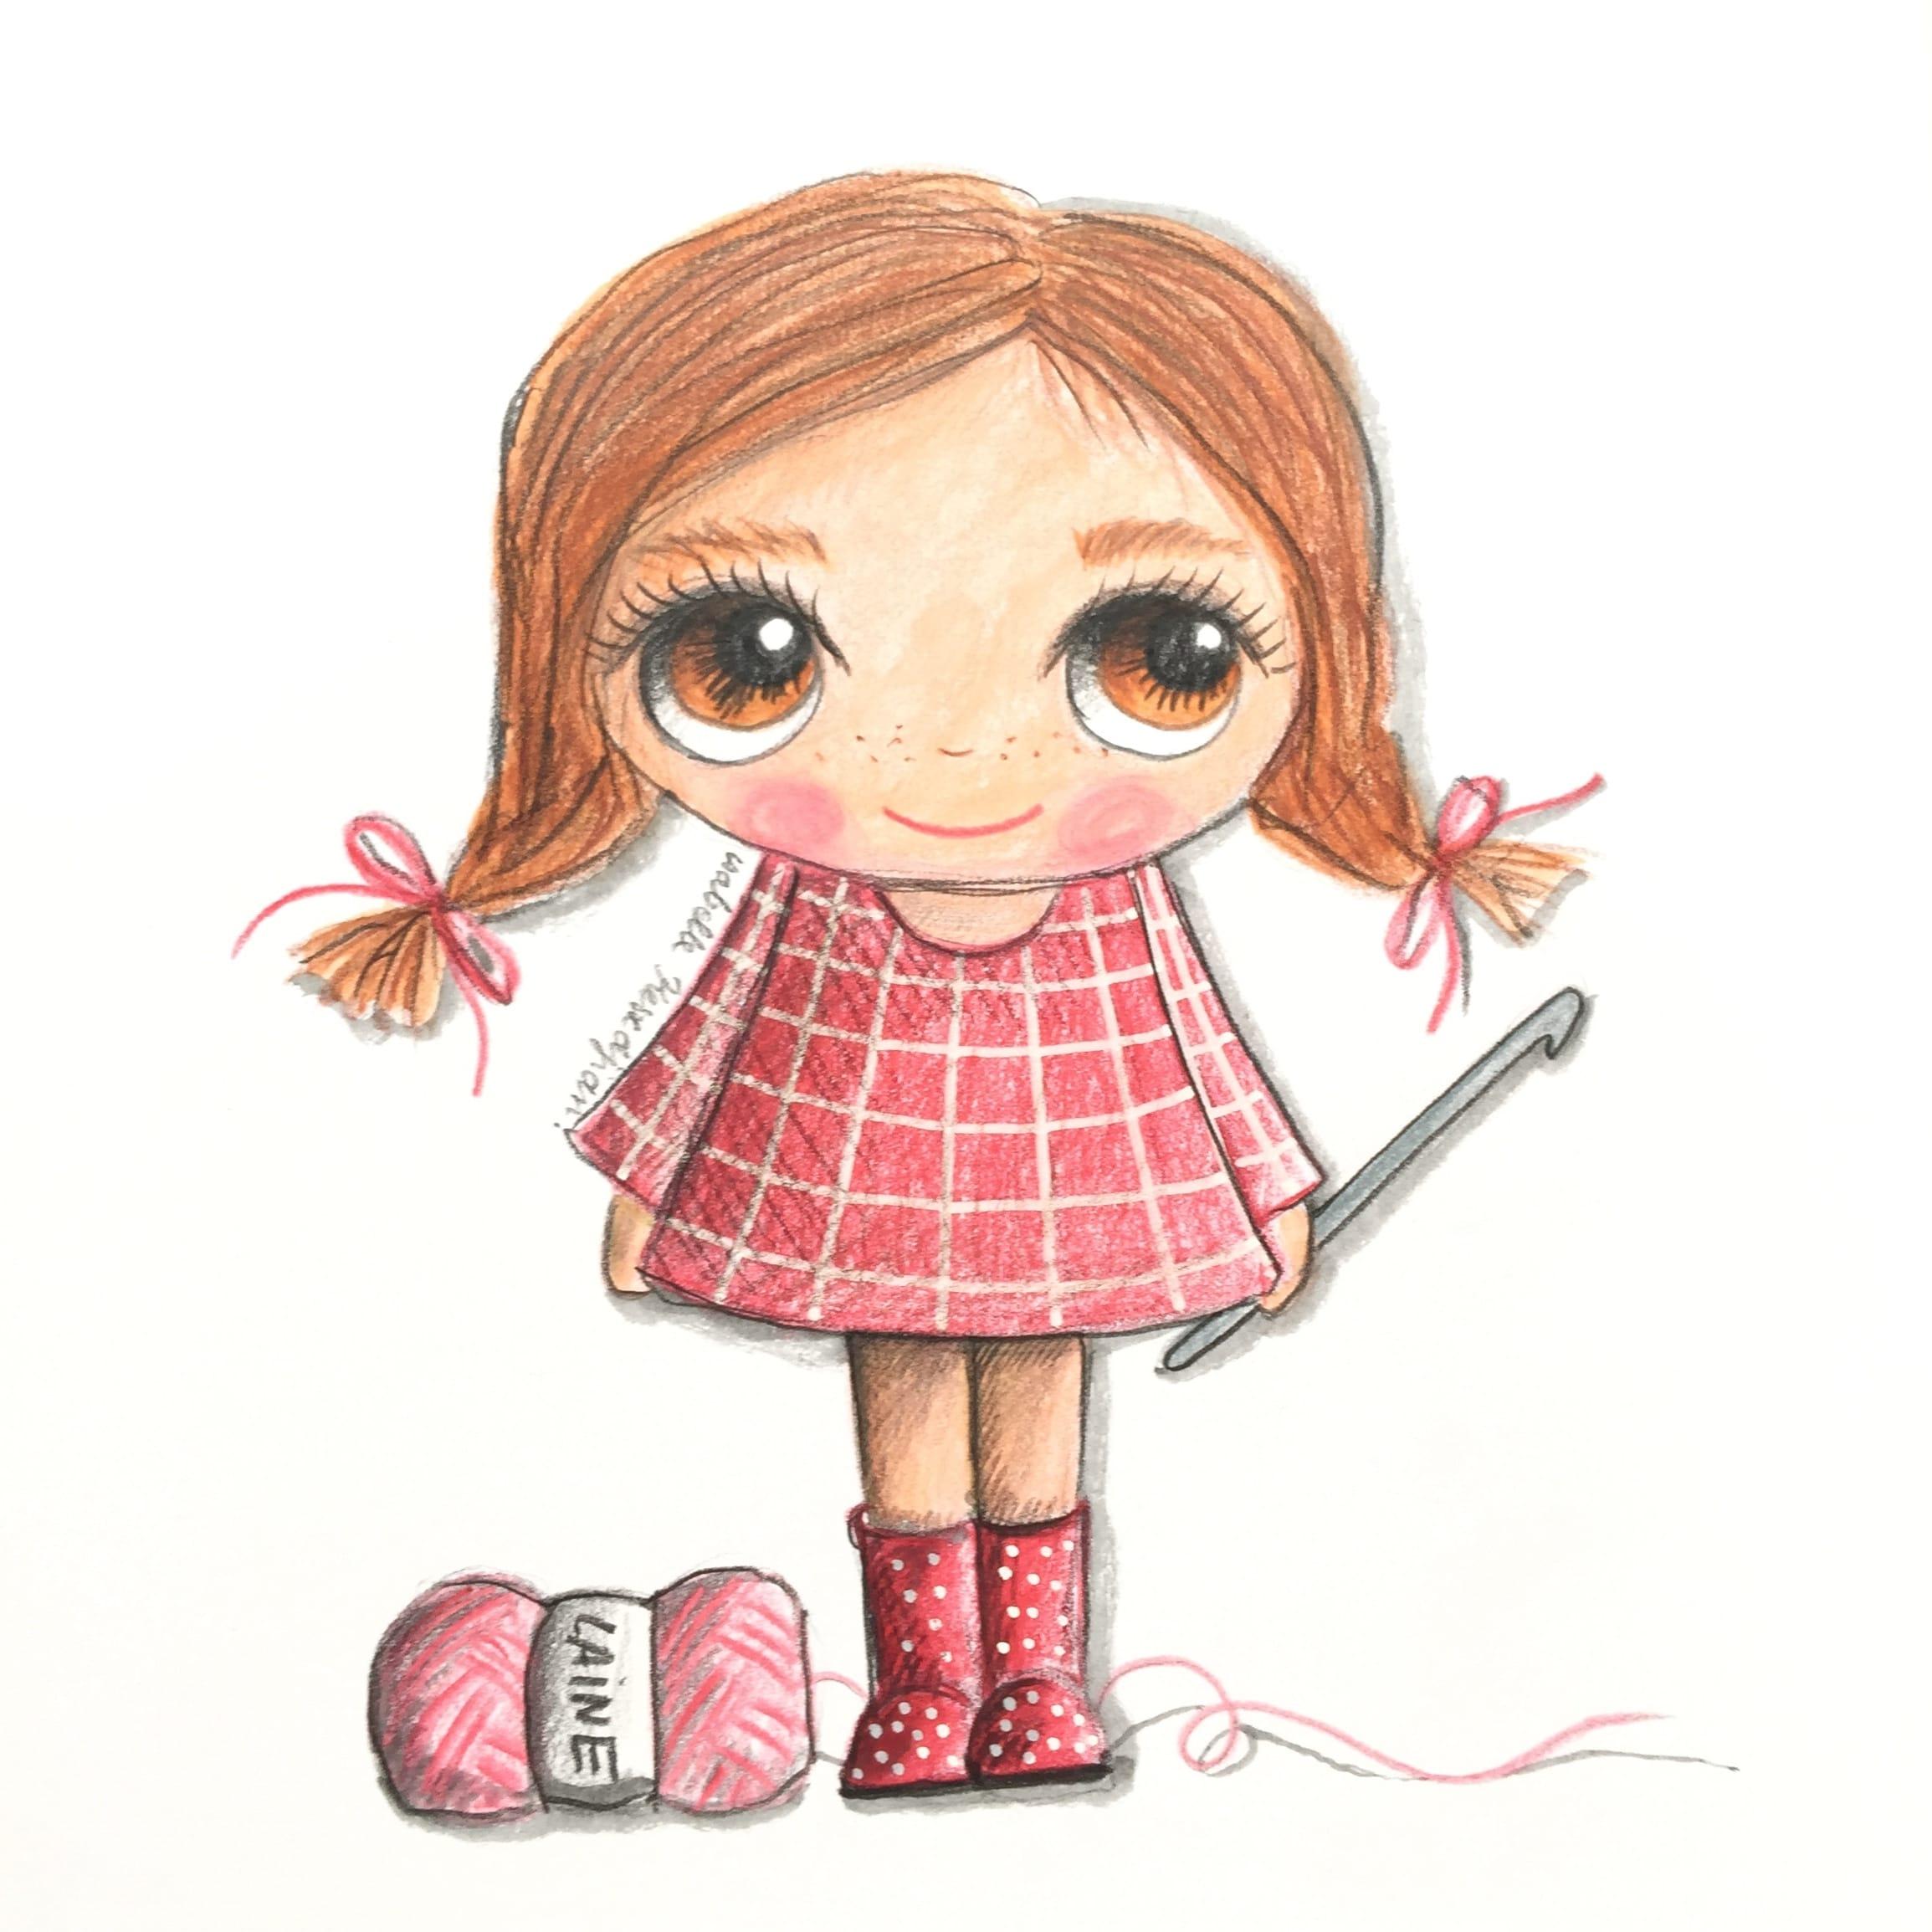 Quand je serai grande, je ferai du crochet - Isabelle Kessedjian